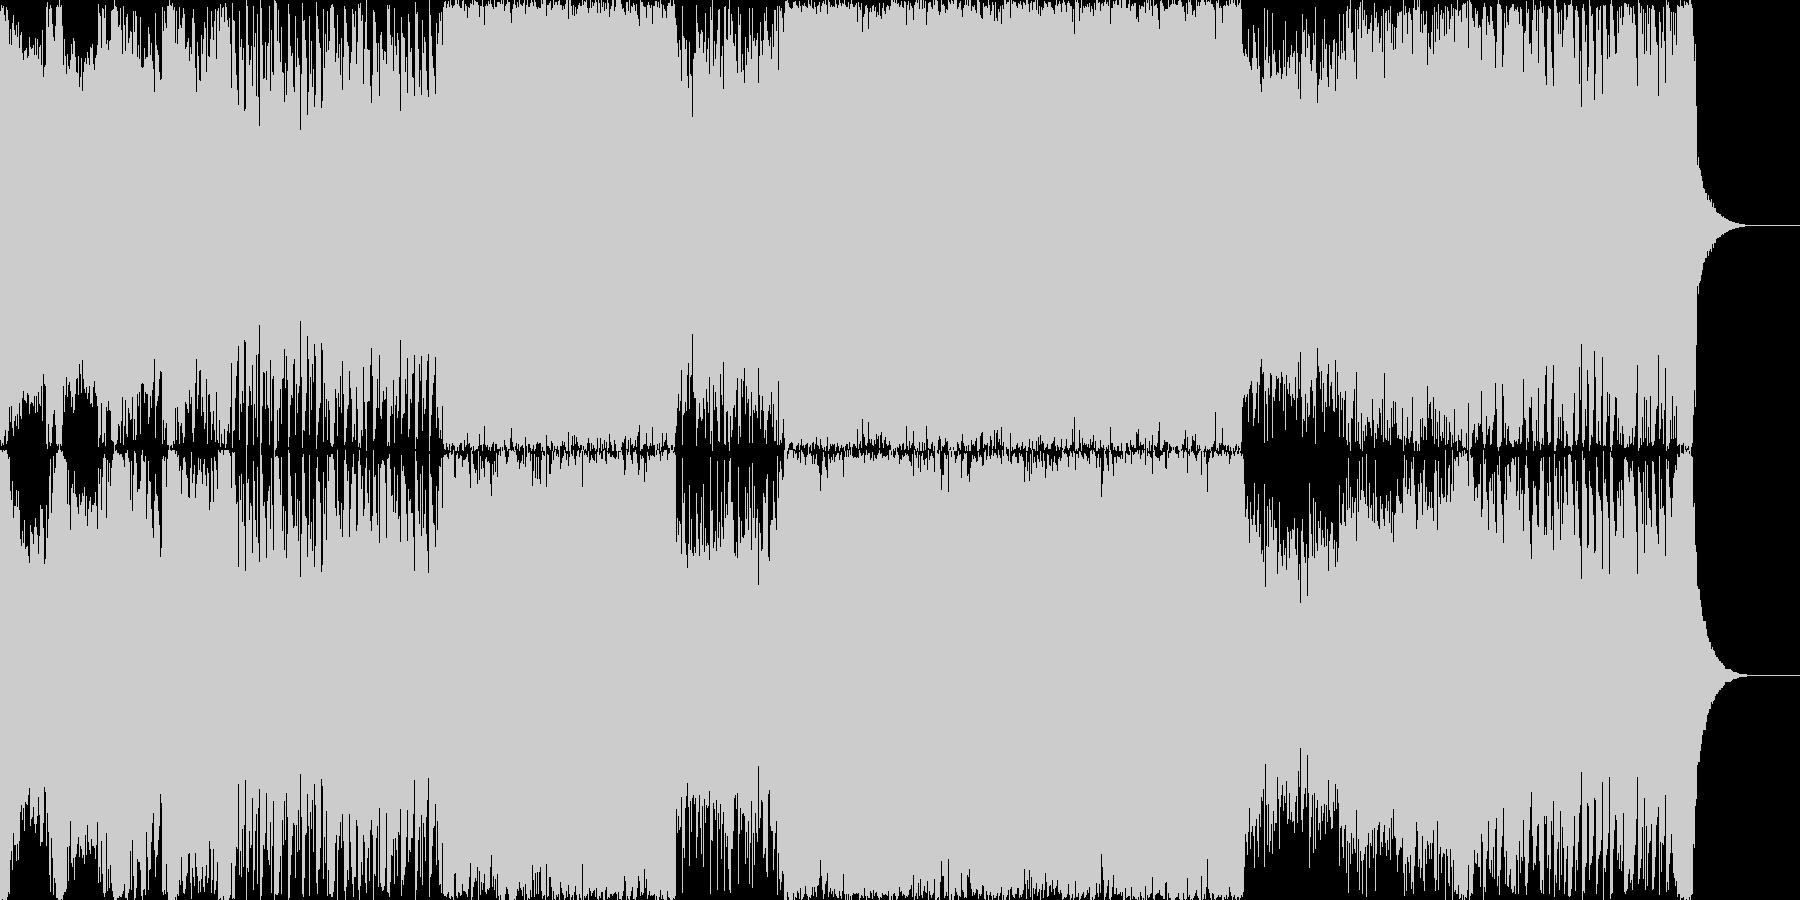 ロックとテクノの融合・ダンスミュージックの未再生の波形